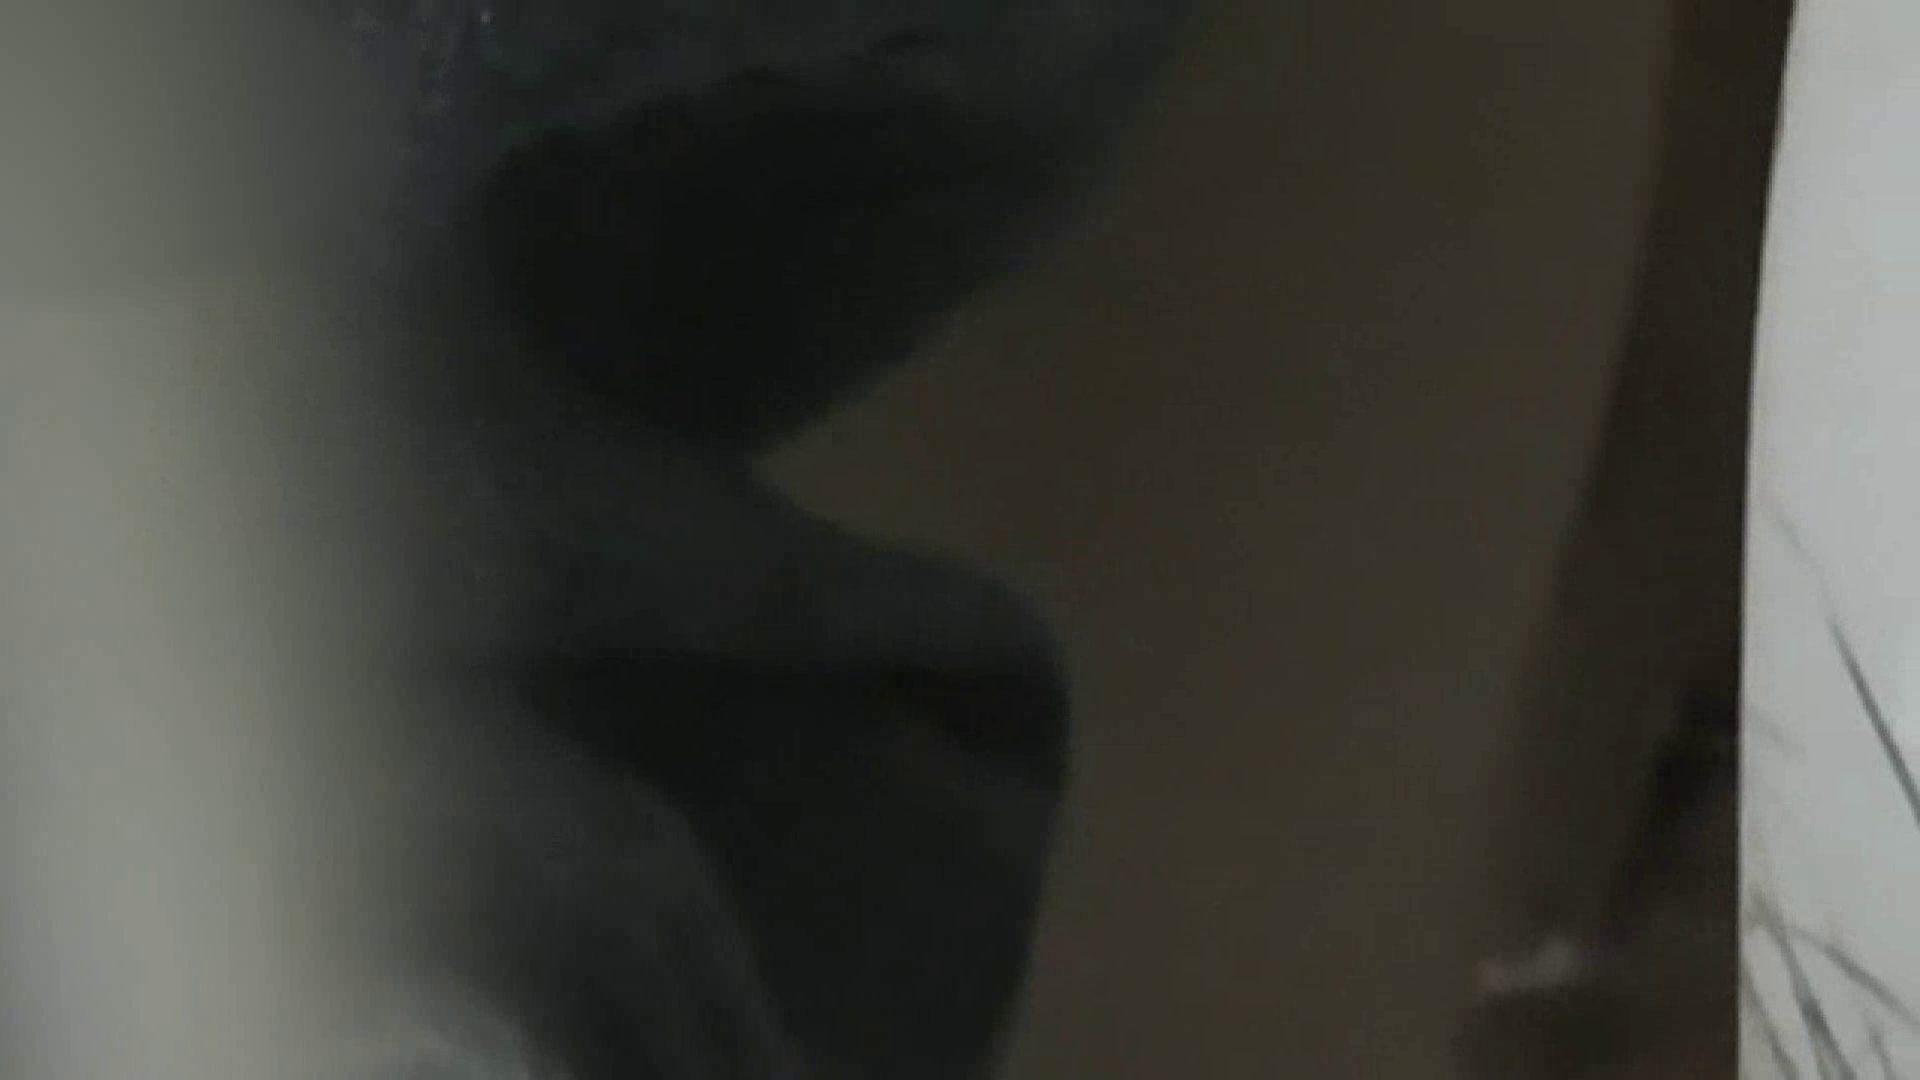 ロックハンドさんの盗撮記録File.77 厠隠し撮り  86pic 80